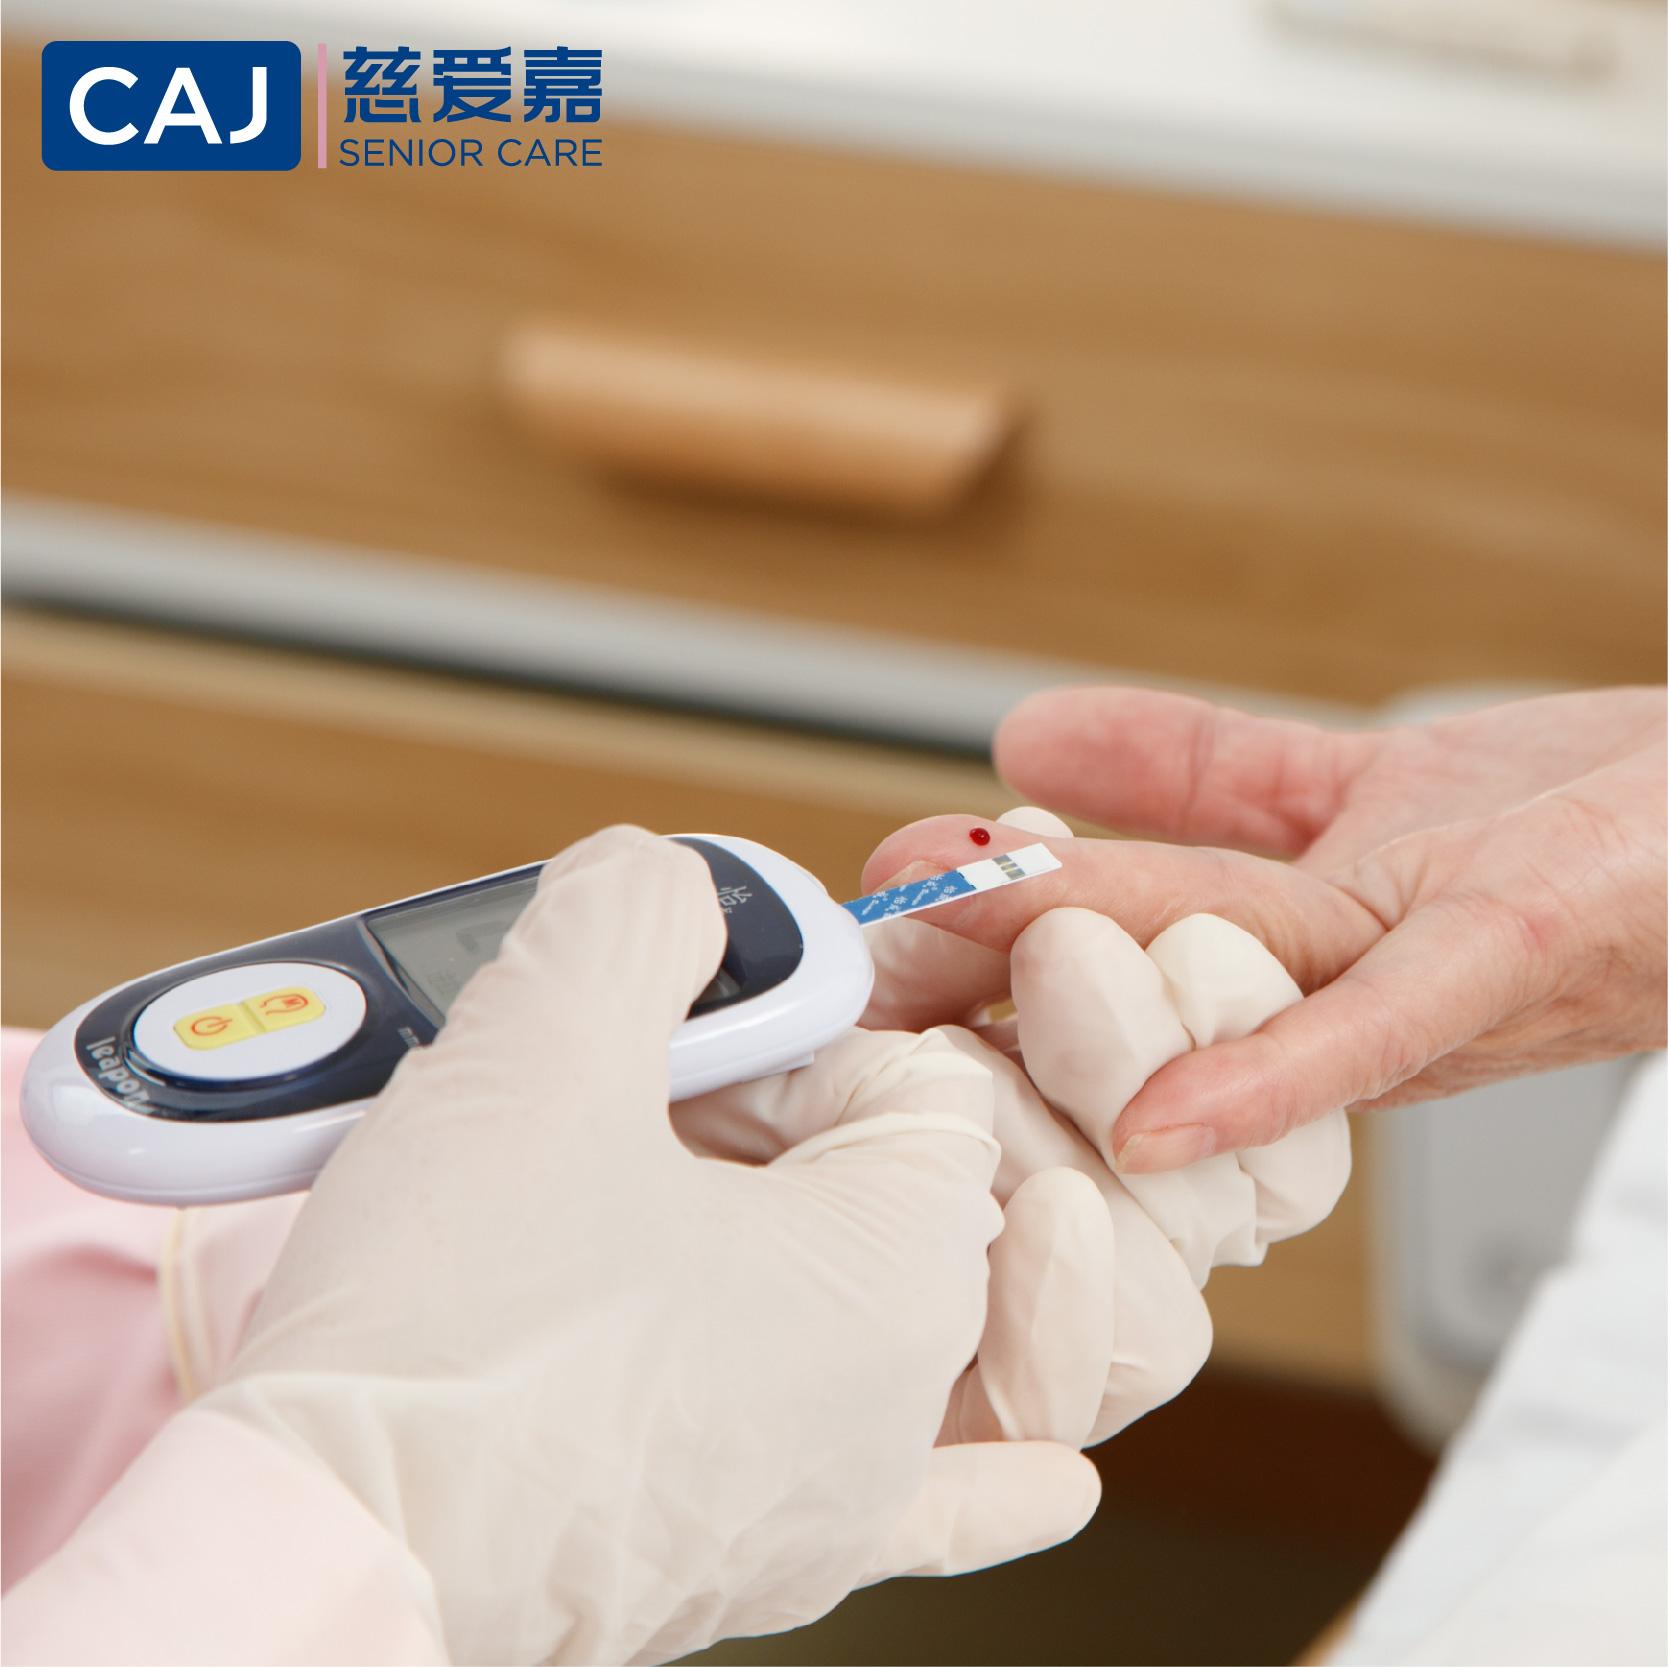 针对糖尿病患者的家庭照护者培训